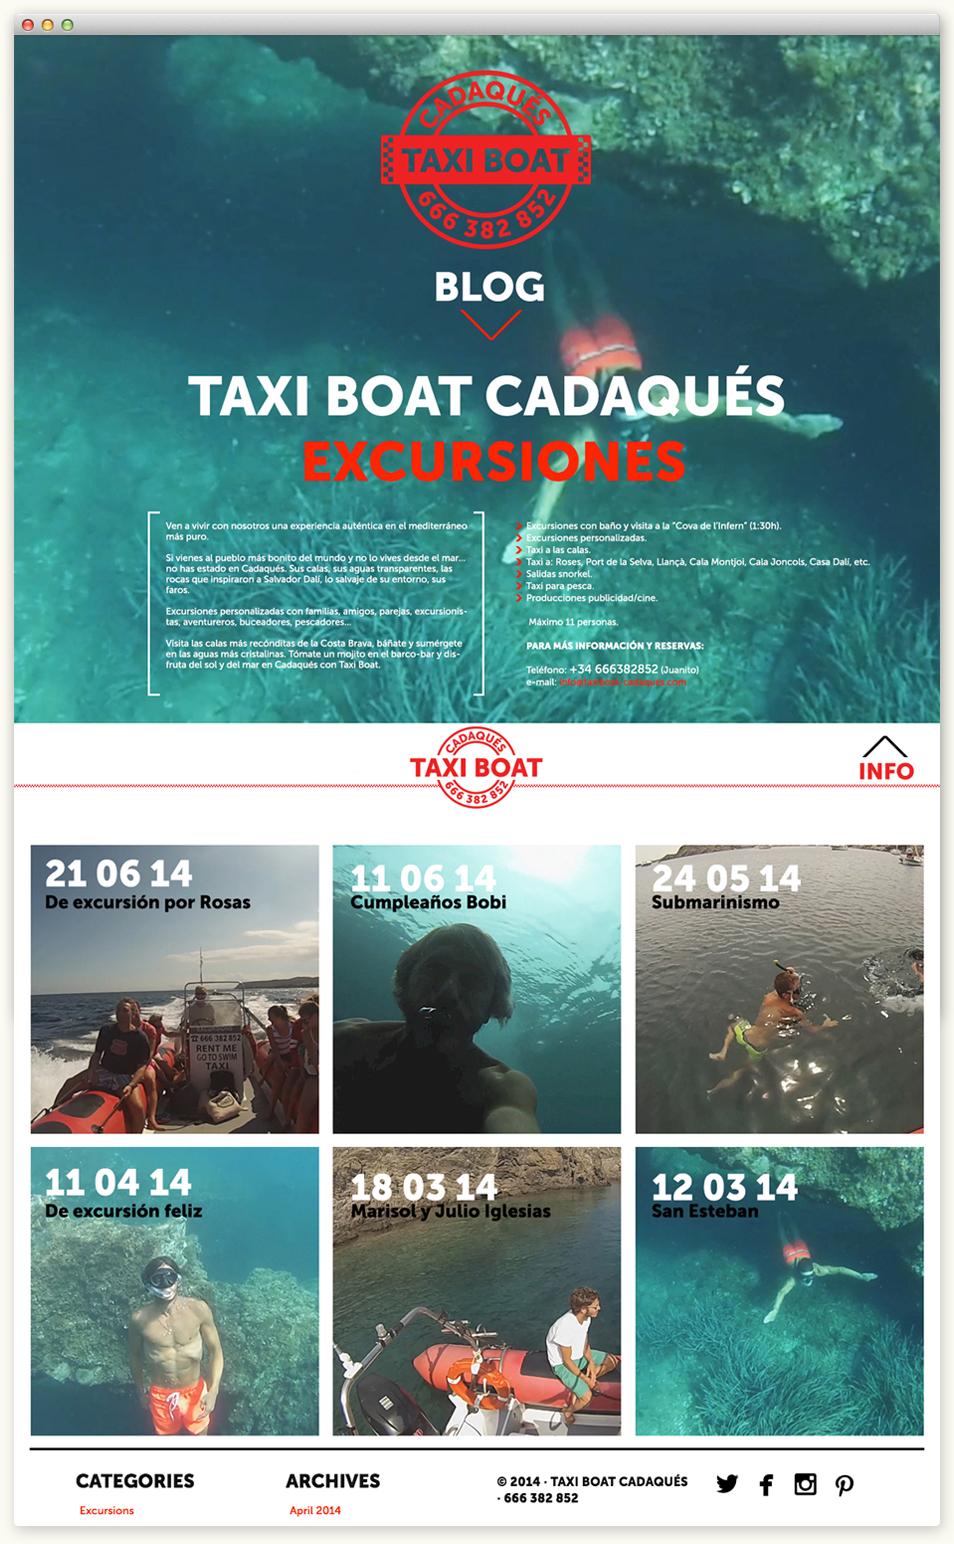 Taxi boat Cadaqués